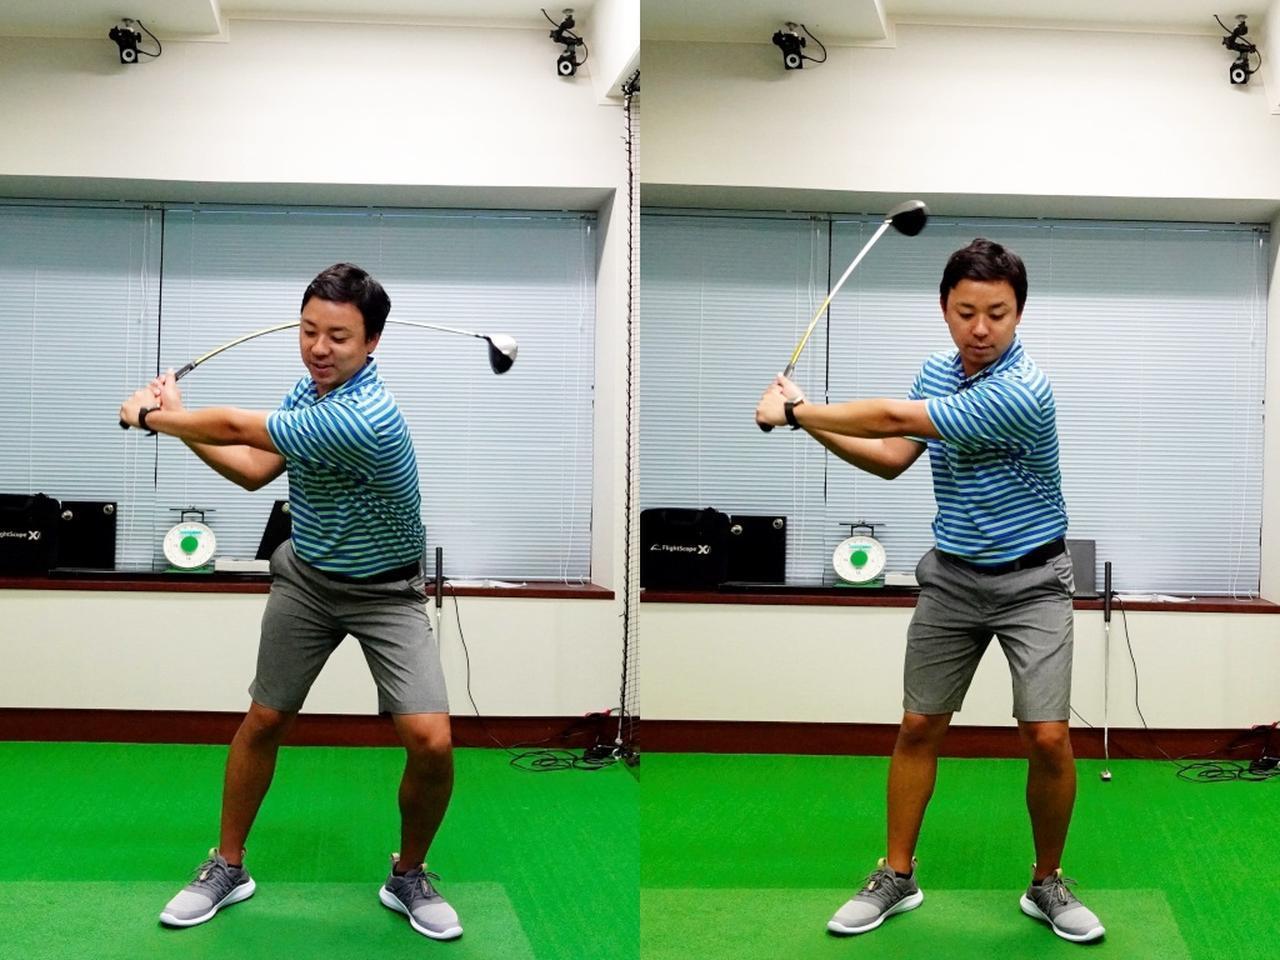 画像: 切り返しで大きくシャフトをしならせるタイプ(写真左)と切り返しではシャフトのしなりは少なくダウンスウィングでシャフトをしならせるタイプ(写真右)